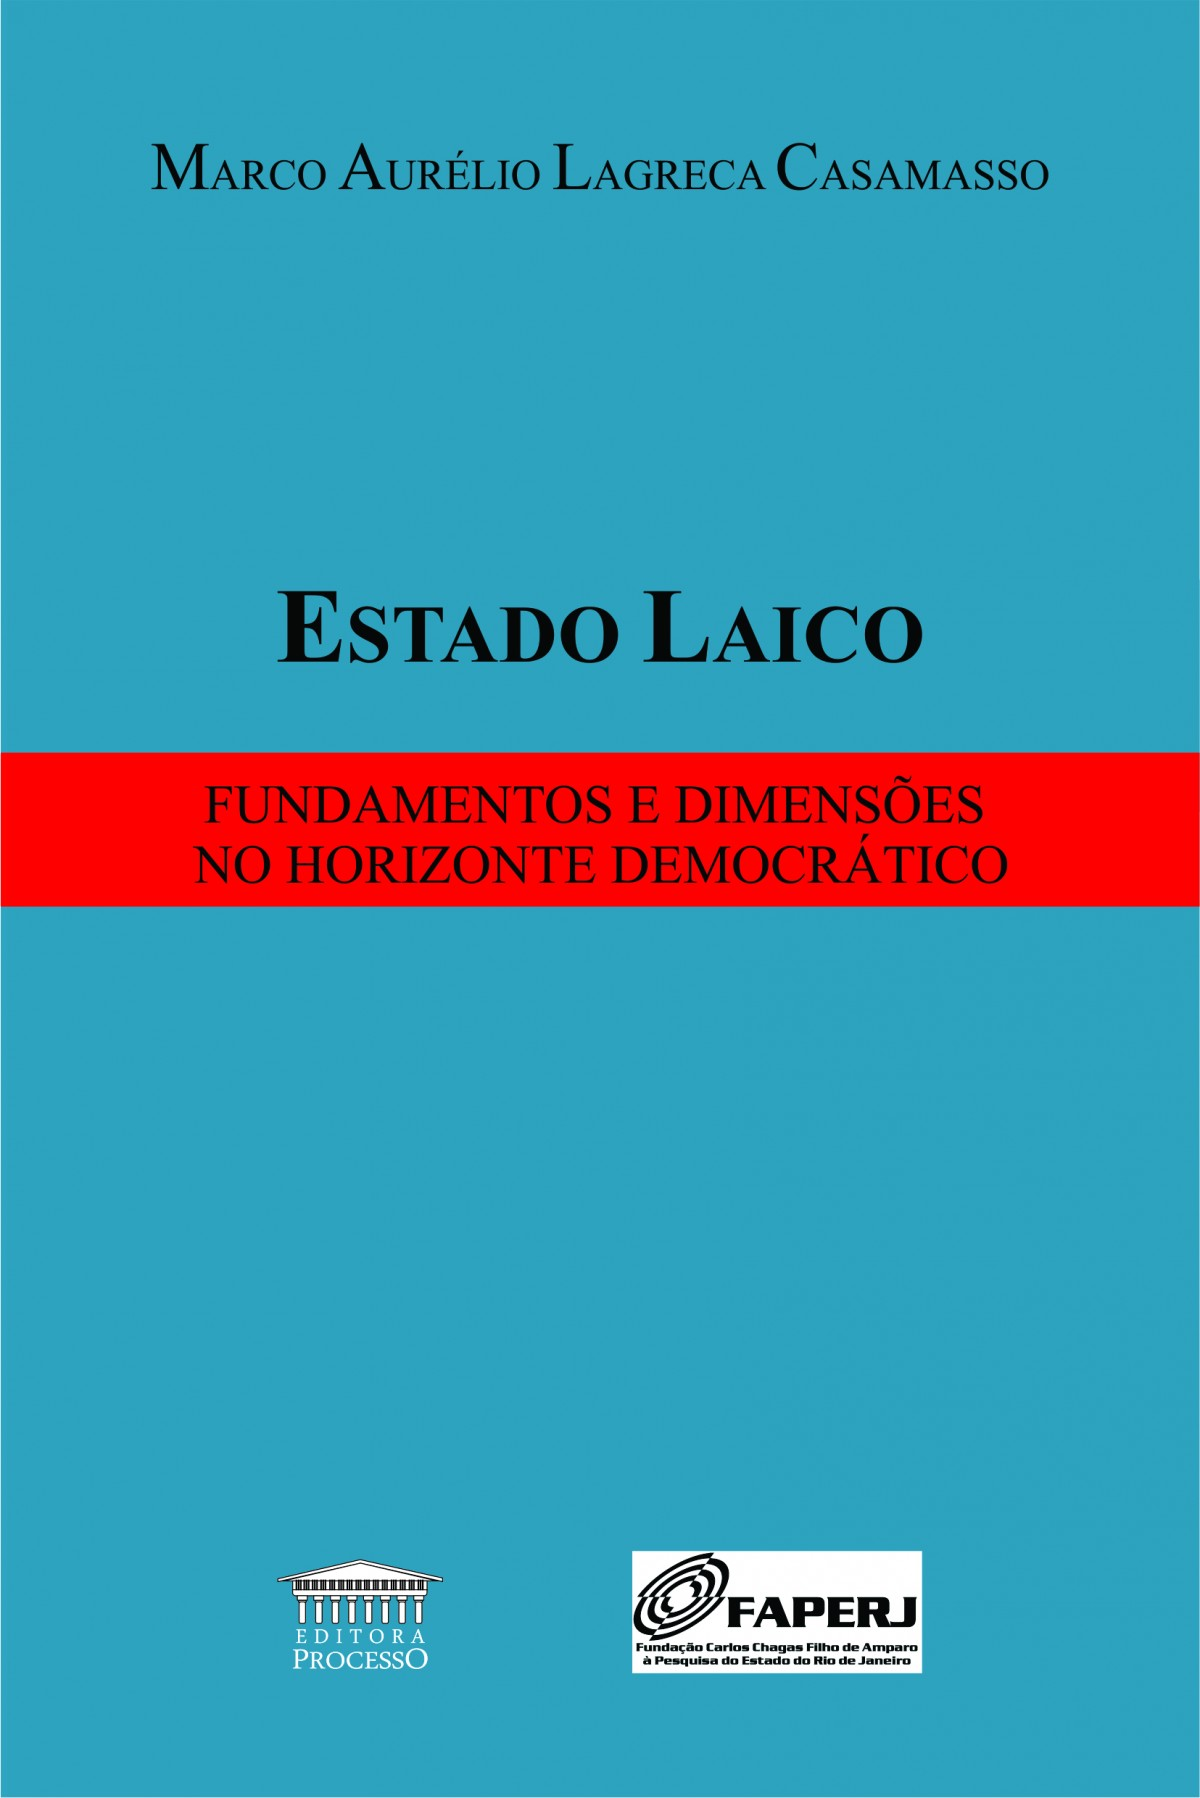 Foto 1 - Estado Laico